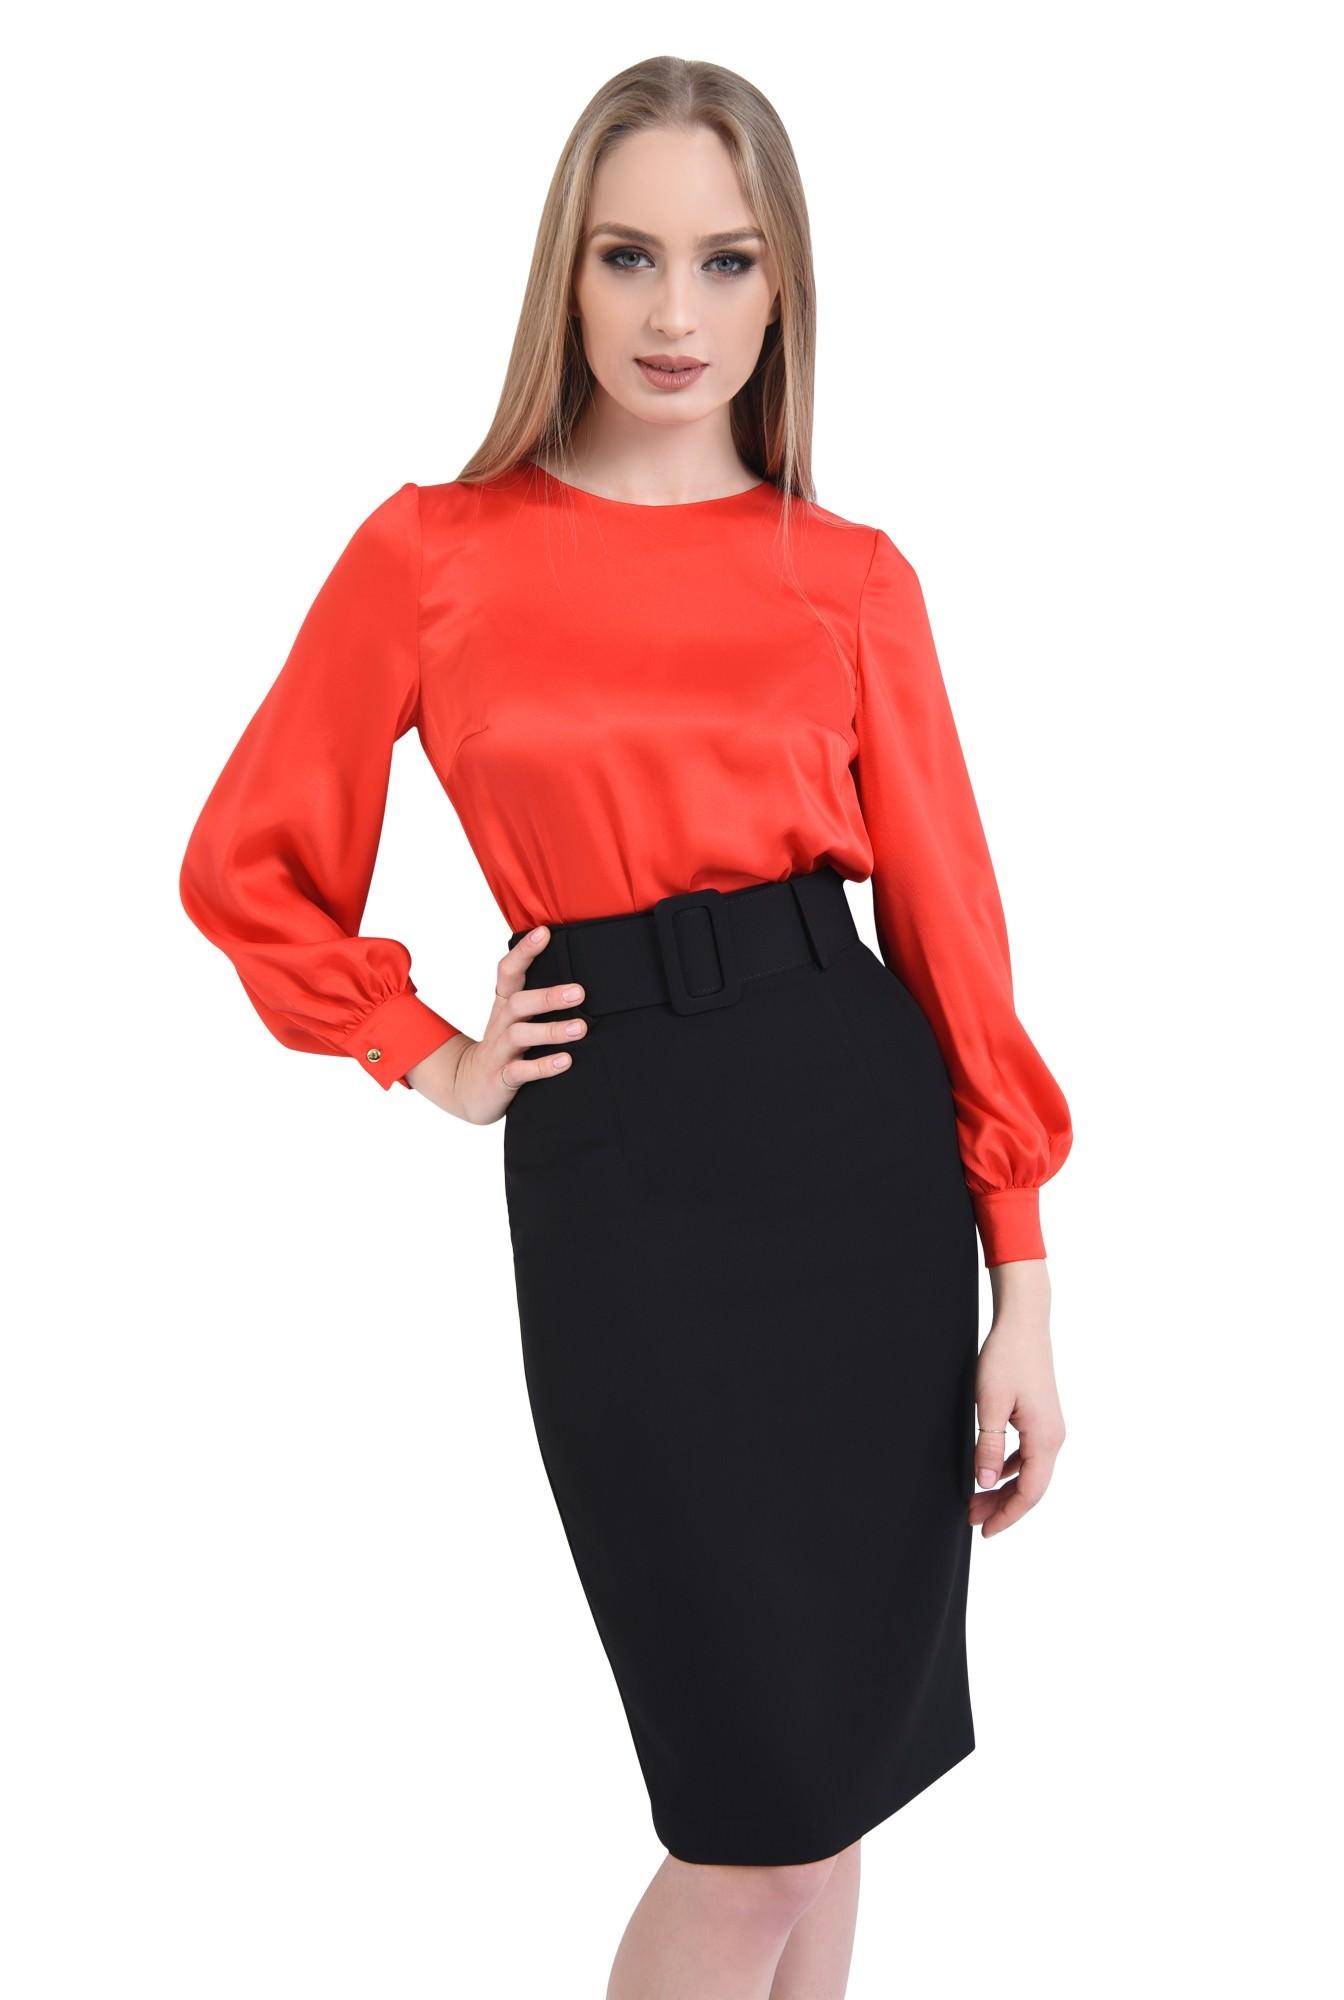 0 - Bluza eleganta, rosu, satin